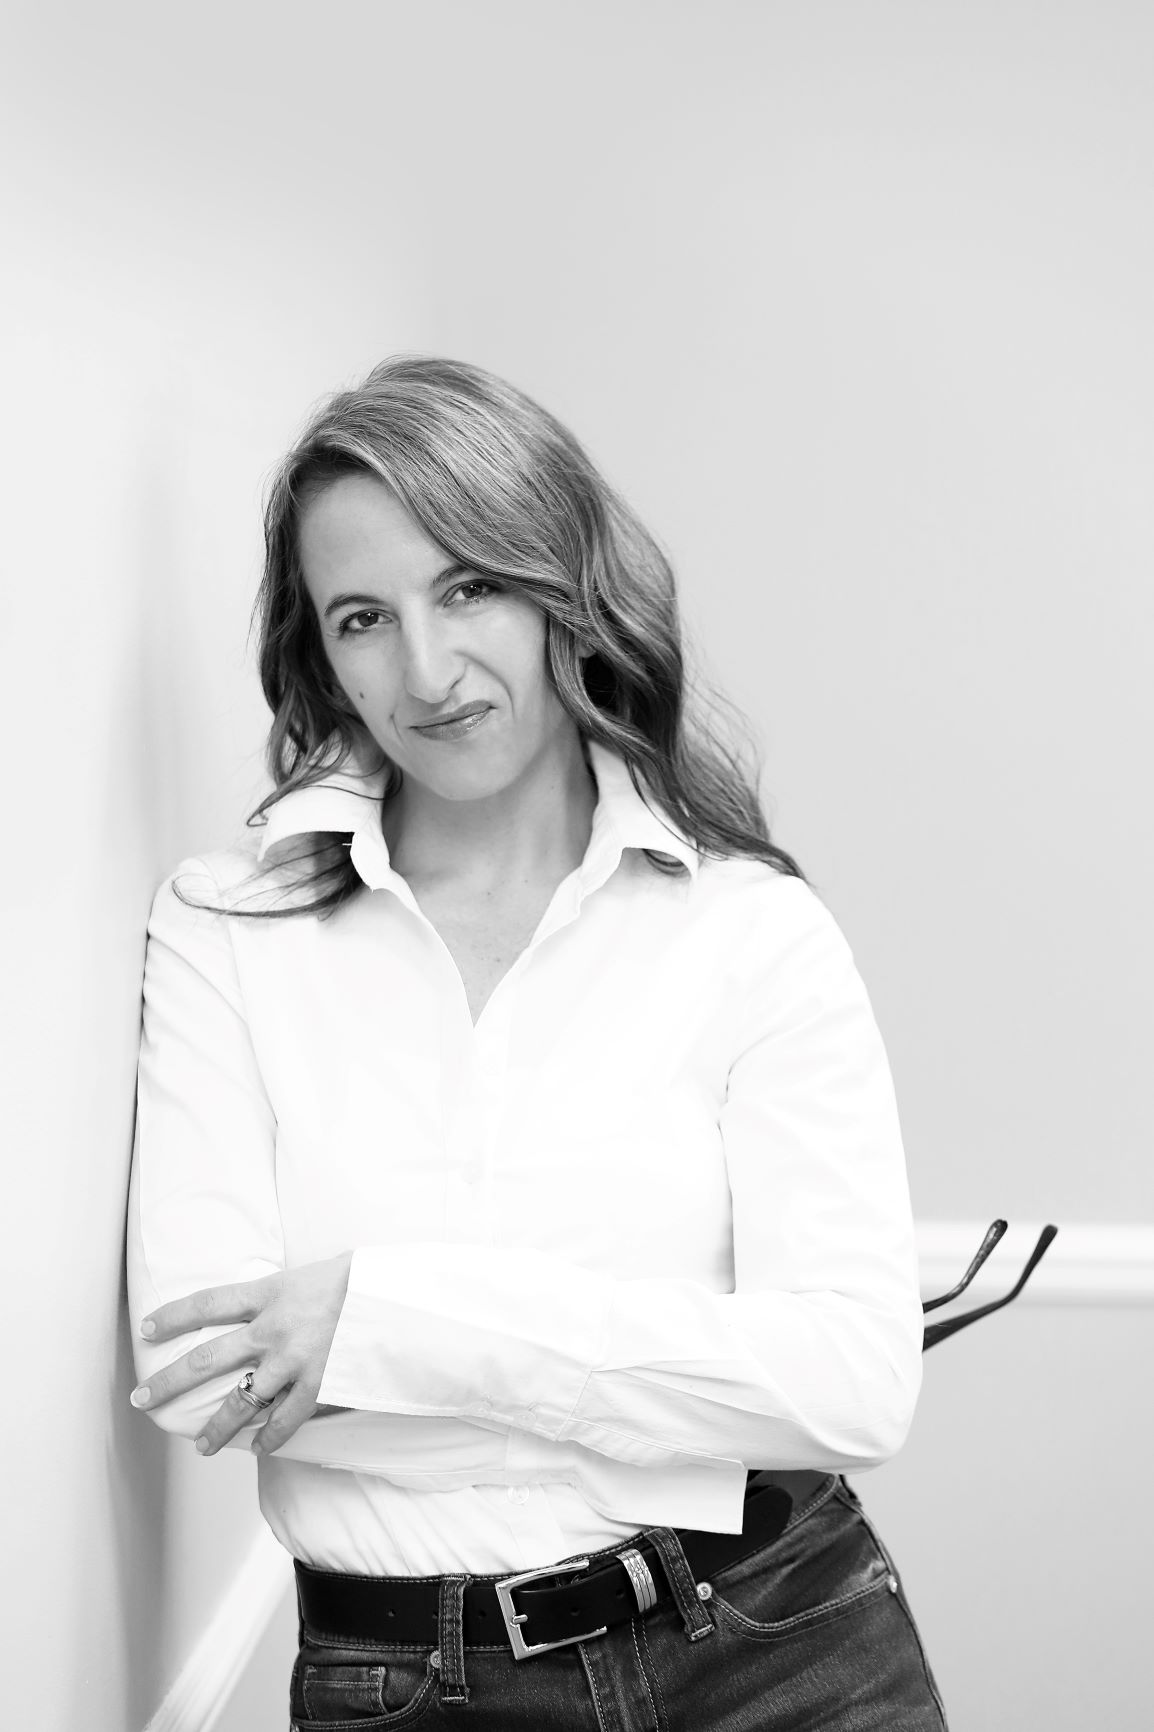 Wena Roeloffze